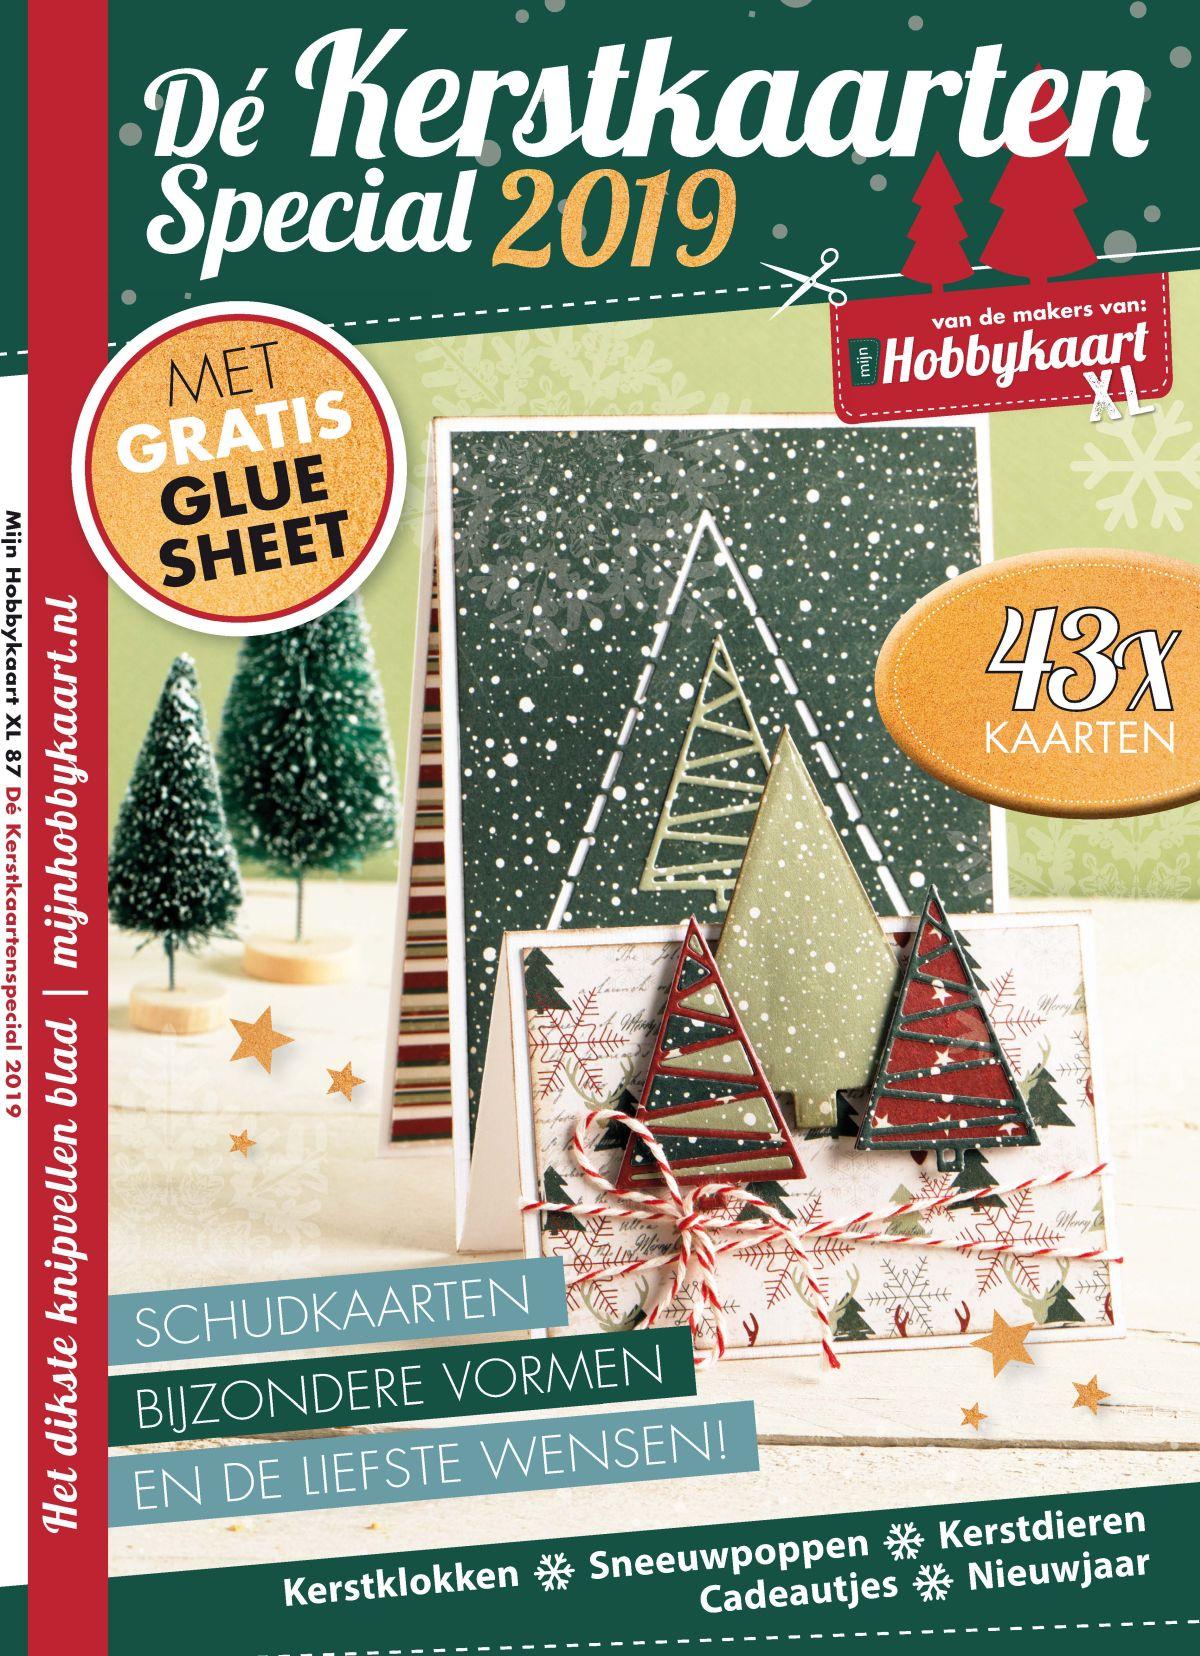 Kerstkaartenspecial, Mijn Hobbykaart XL, kerst, kerstkaarten, hobbywebshop, kaarten maken